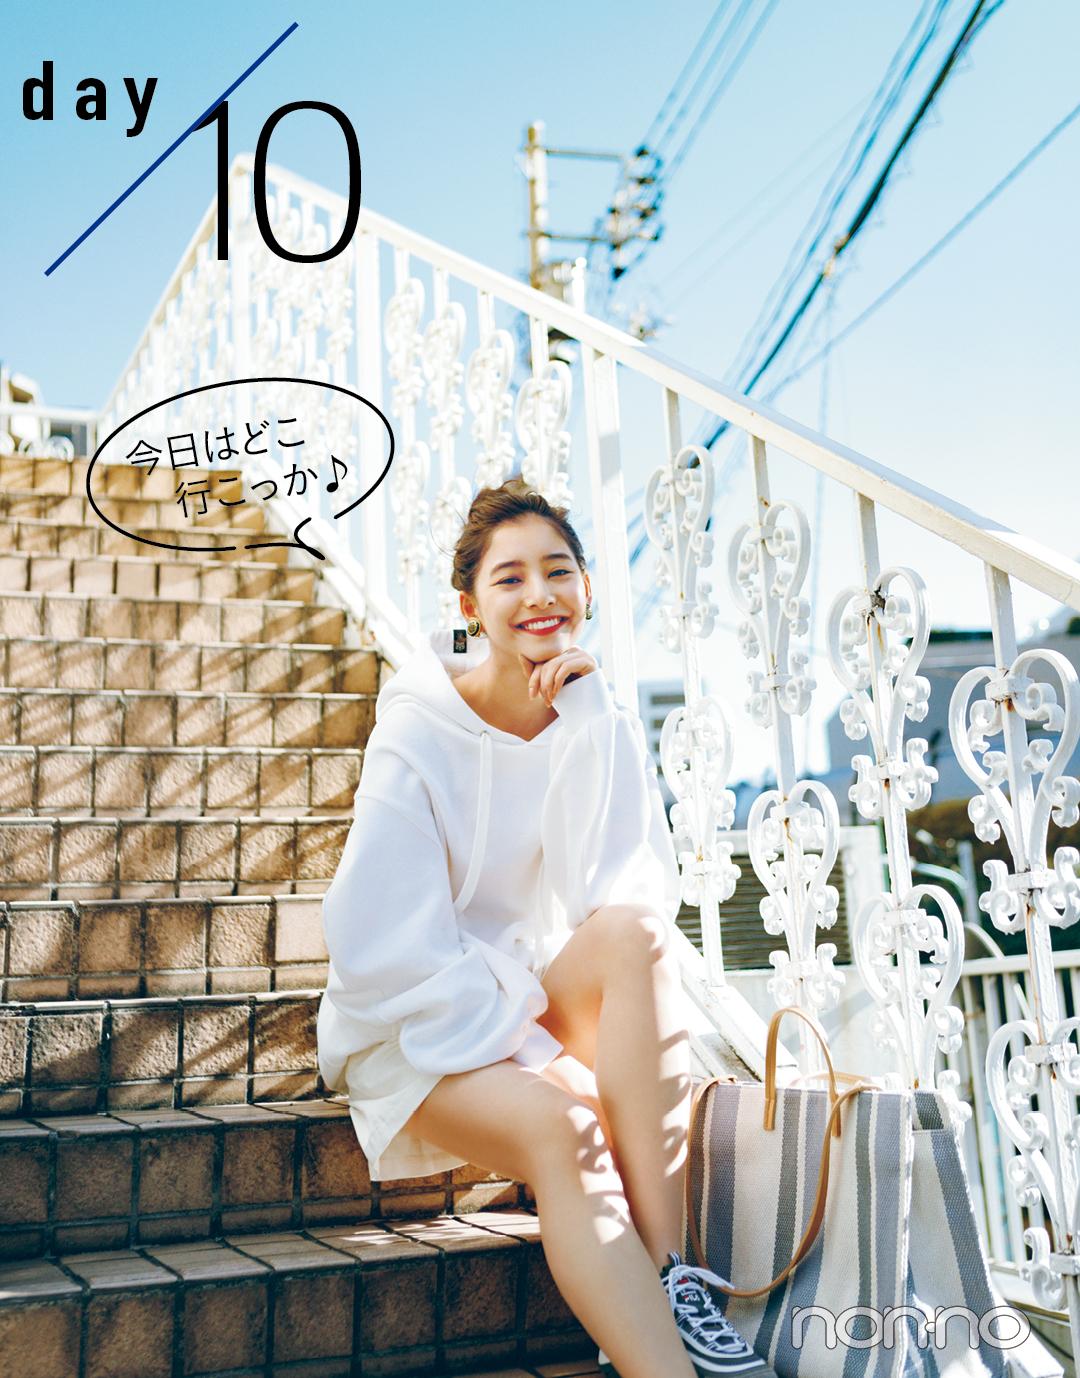 新木優子のハッピー感MAX着回しday6-10♡ 「一緒にいたい女の子」は服で作れる!_1_2-5